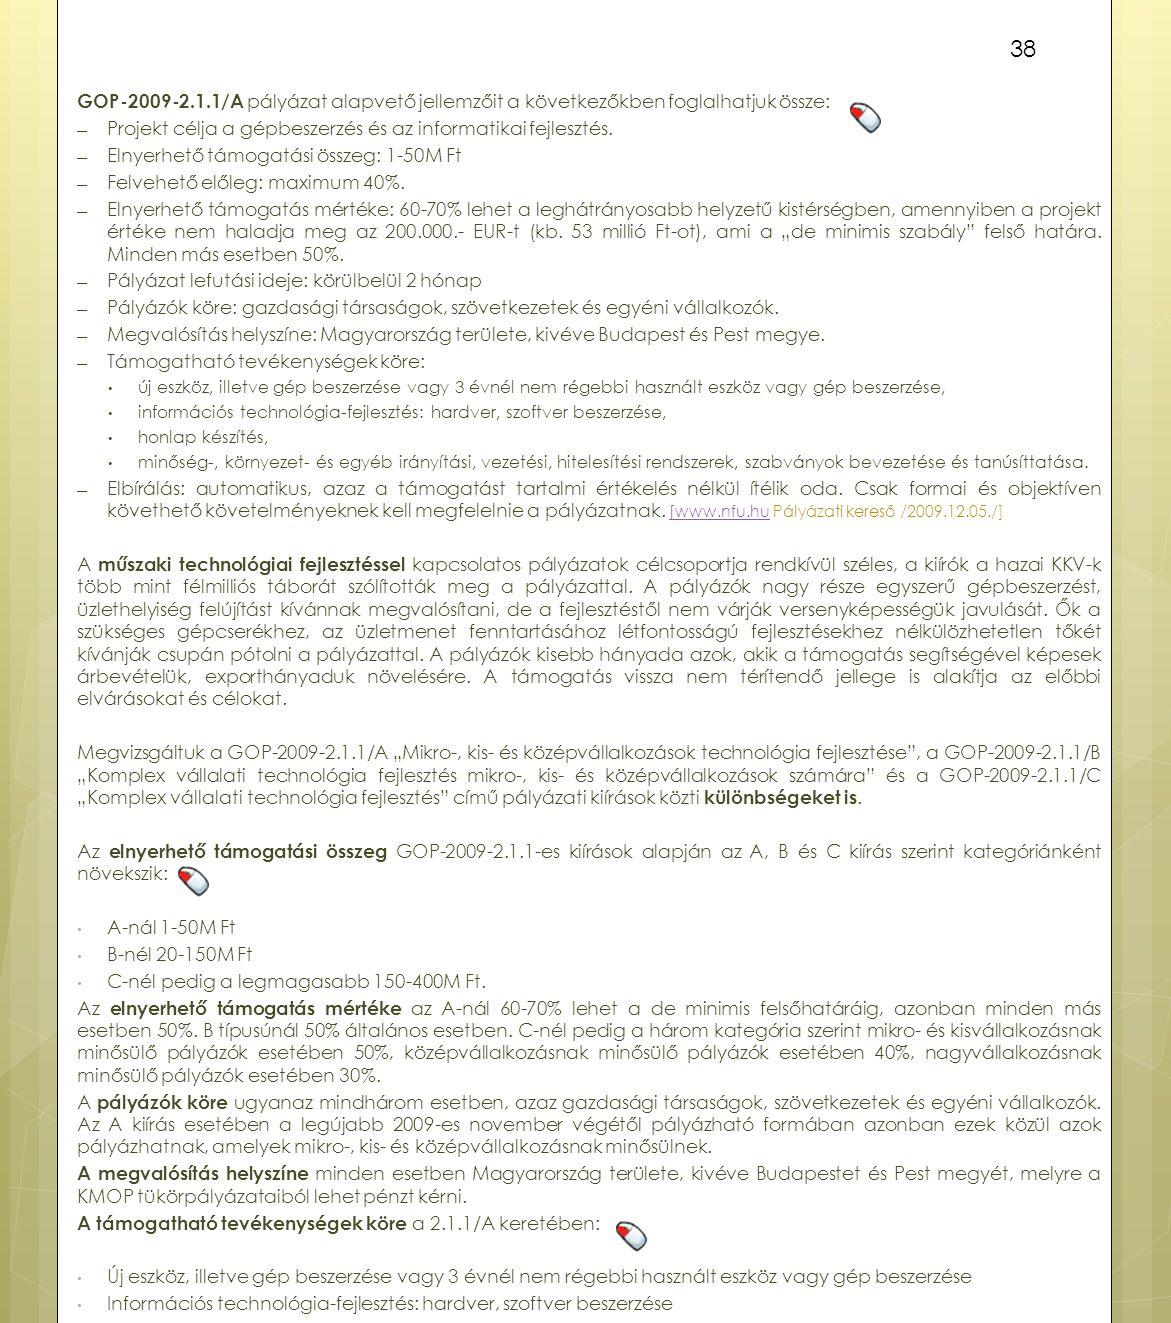 GOP-2009-2.1.1/A pályázat alapvető jellemzőit a következőkben foglalhatjuk össze: ― Projekt célja a gépbeszerzés és az informatikai fejlesztés.